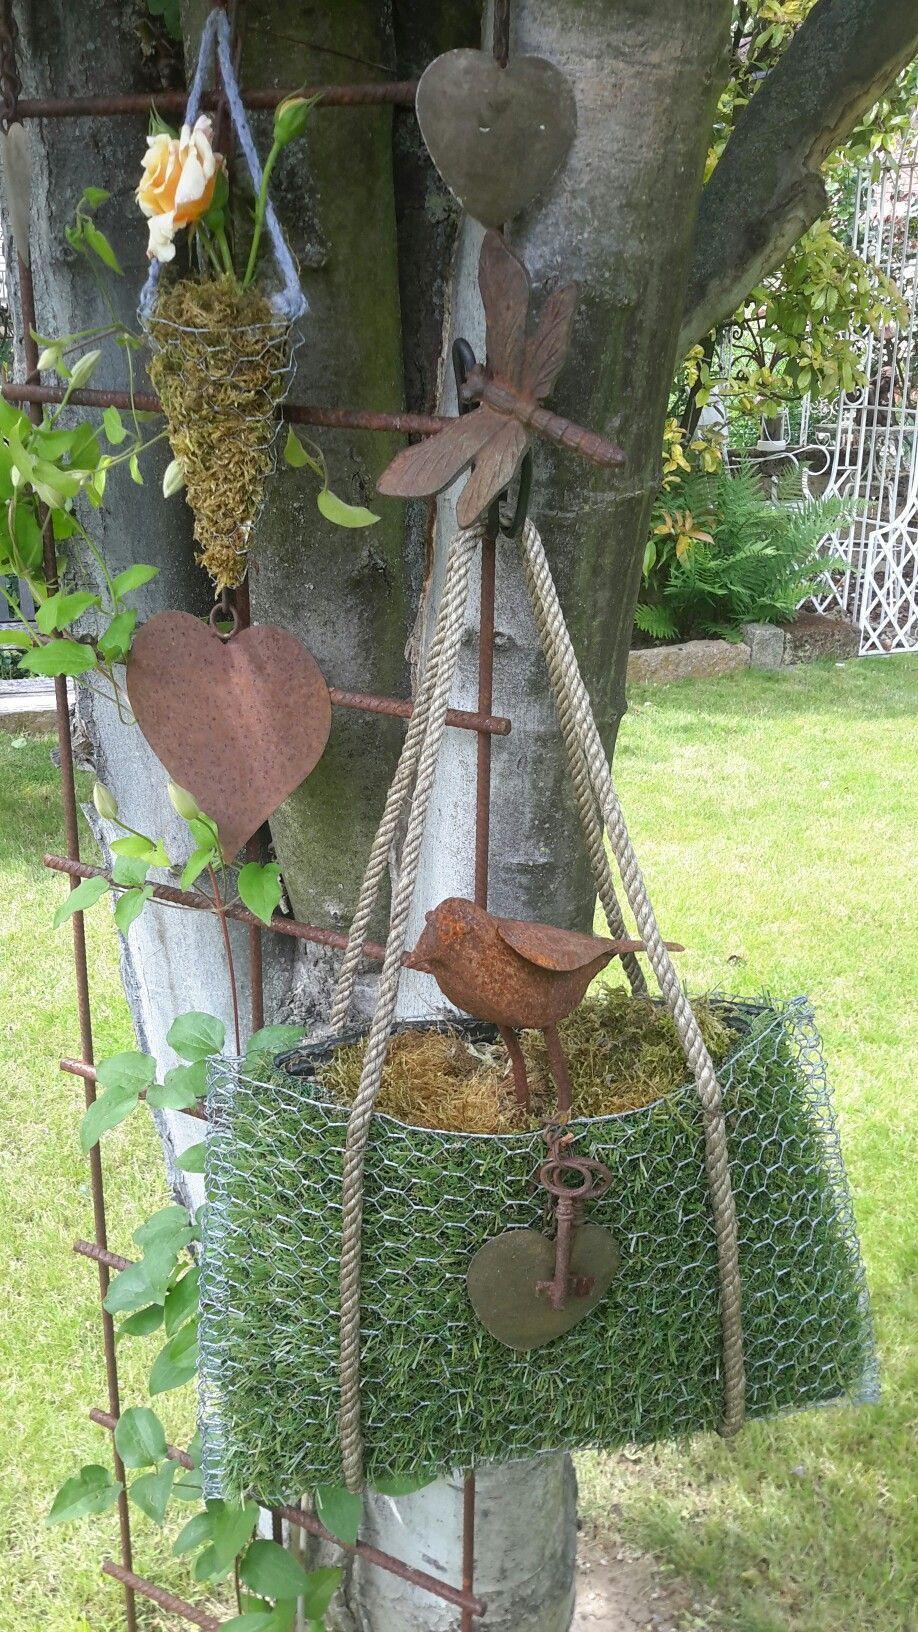 Drahttasche.....Meine Lieblingstasche im Garten - Gartengestaltung Ideen #gartenideen